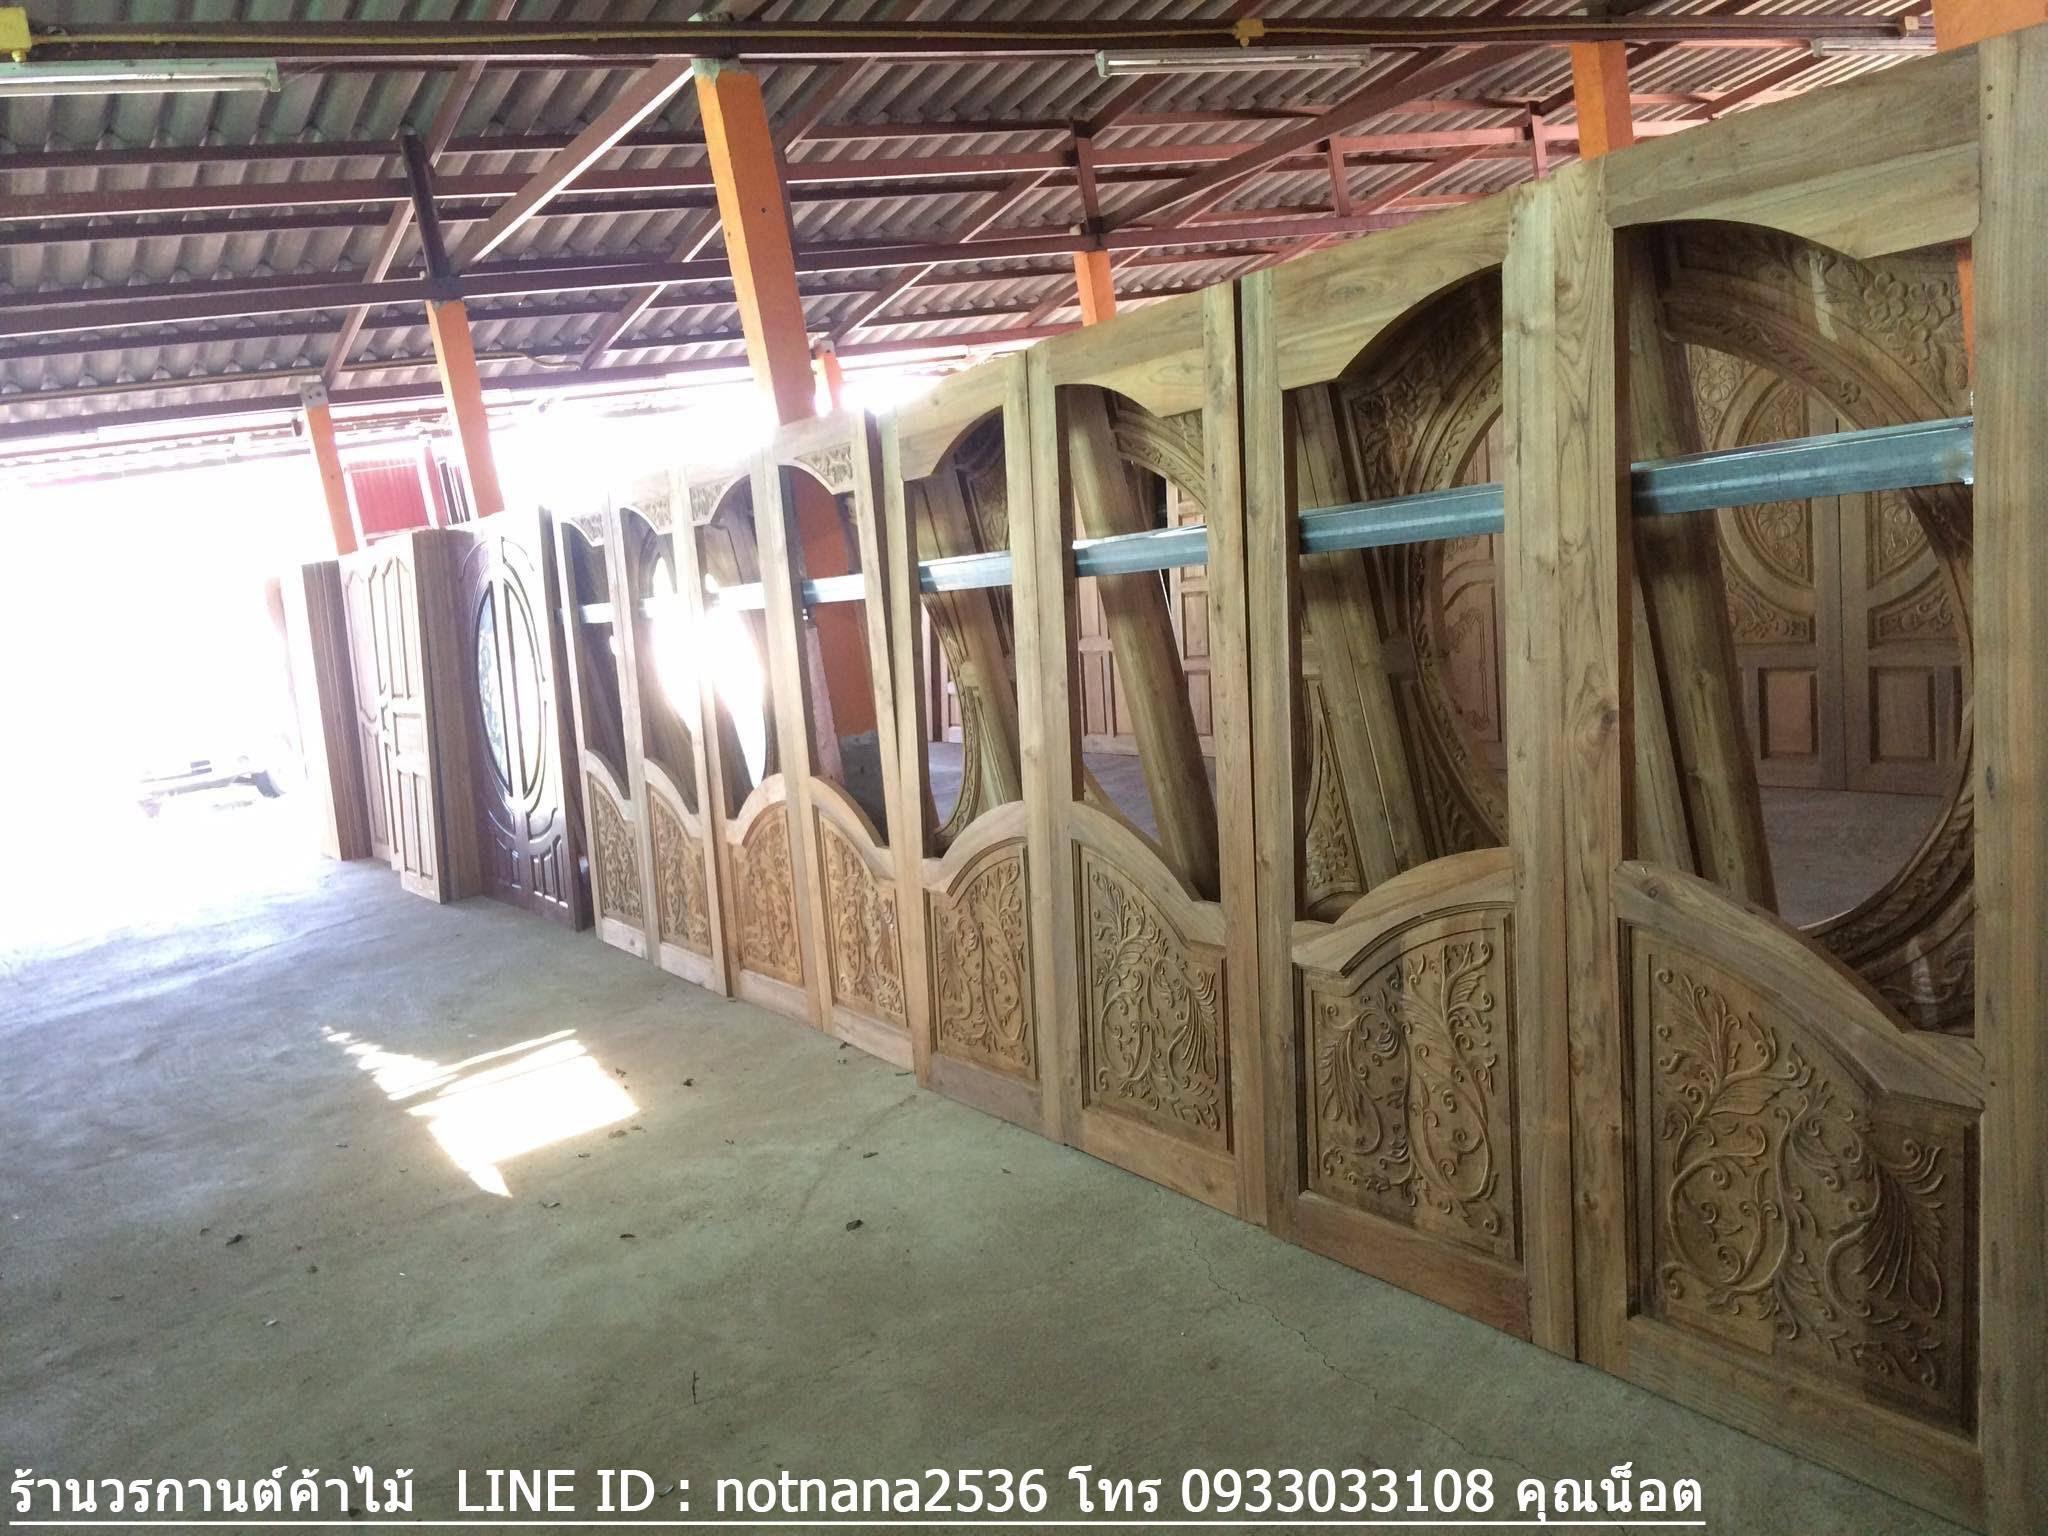 ประตูไม้สัก,ประตูไม้สักกระจกนิรภัย,ประตูไม้สักบานคู่,ประตูบานเลื่อน,ประตูไม้สักแพร่,ประตูไม้สักโมเดิร์น, หน้าต่างไม้สัก, กระจกนิรภัยสเตนกลาส, ประตูไม้สักแพร่